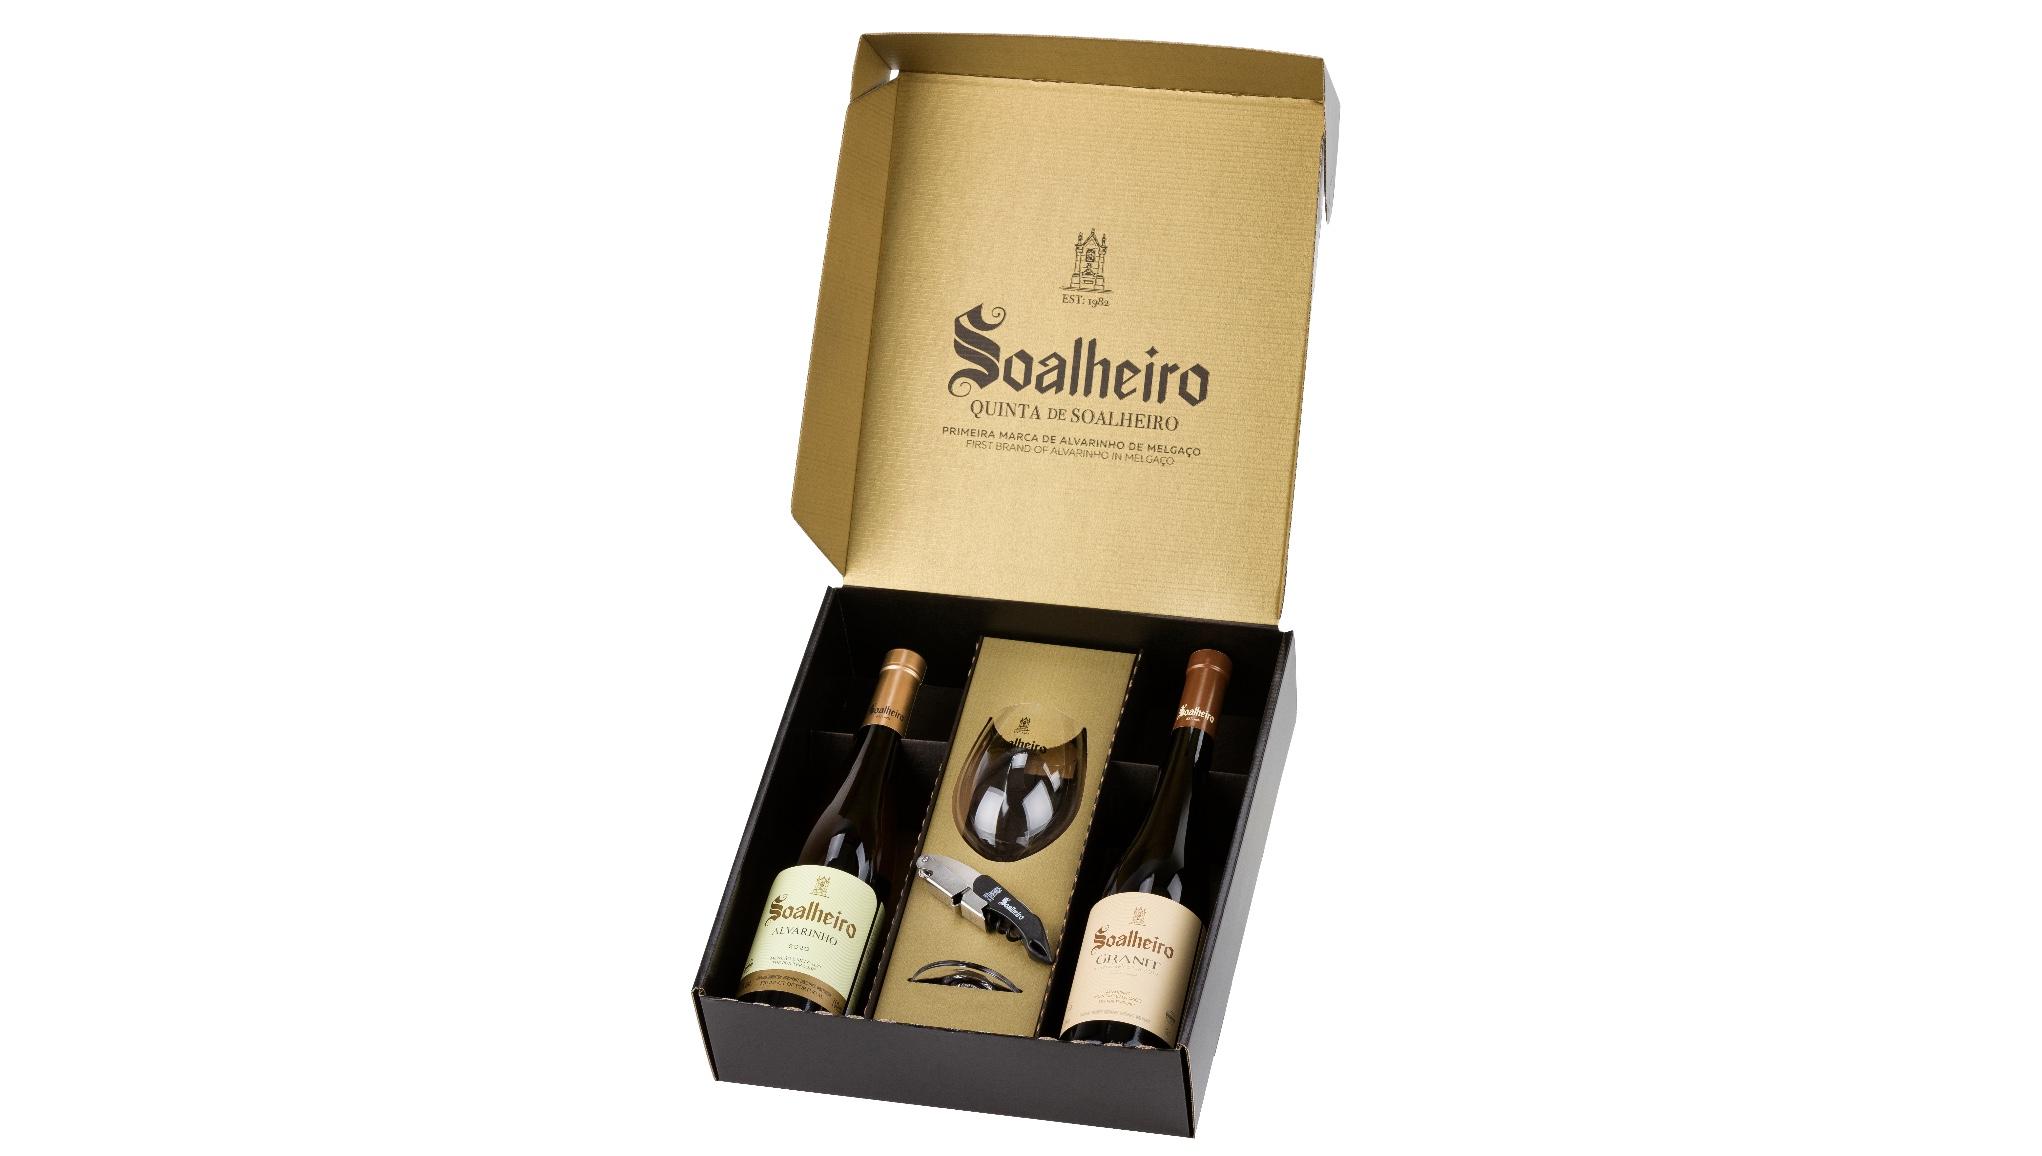 Pack Soalheiro + Granit